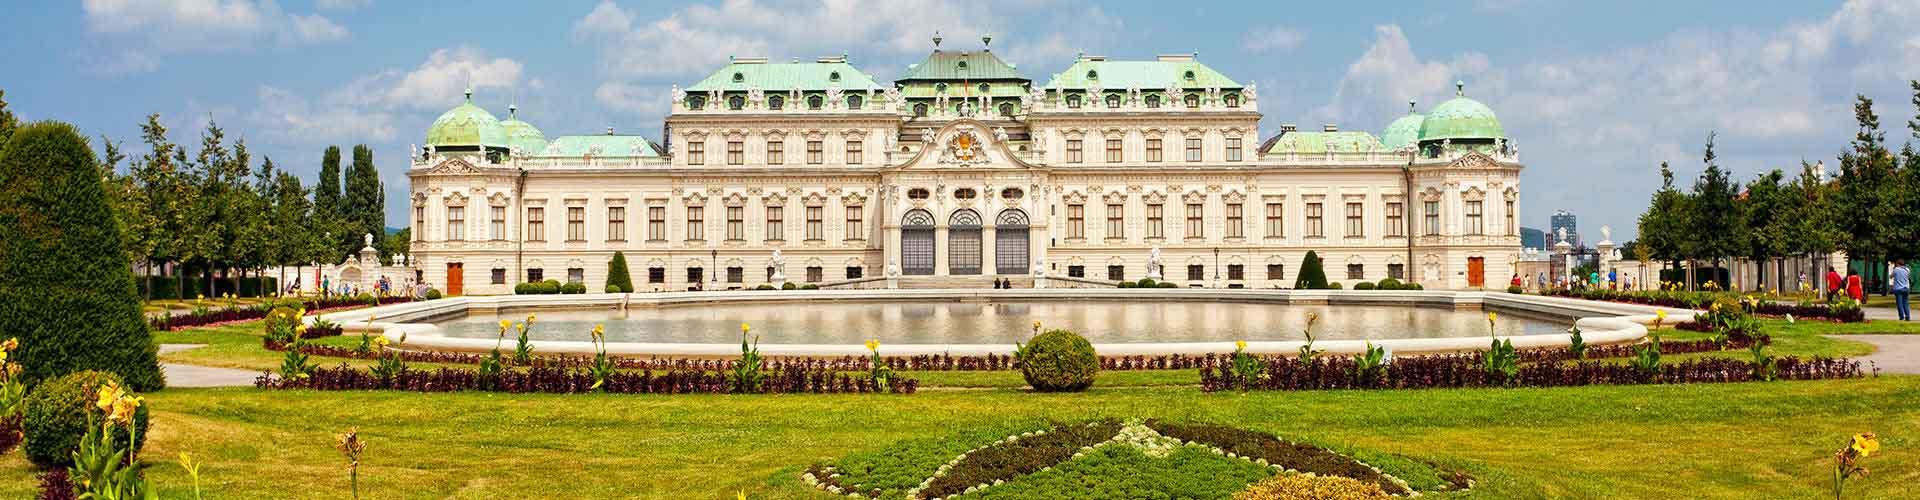 Wien - Zimmer in Favoriten. Wien auf der Karte. Fotos und Bewertungen für jedes Zimmer in Wien.